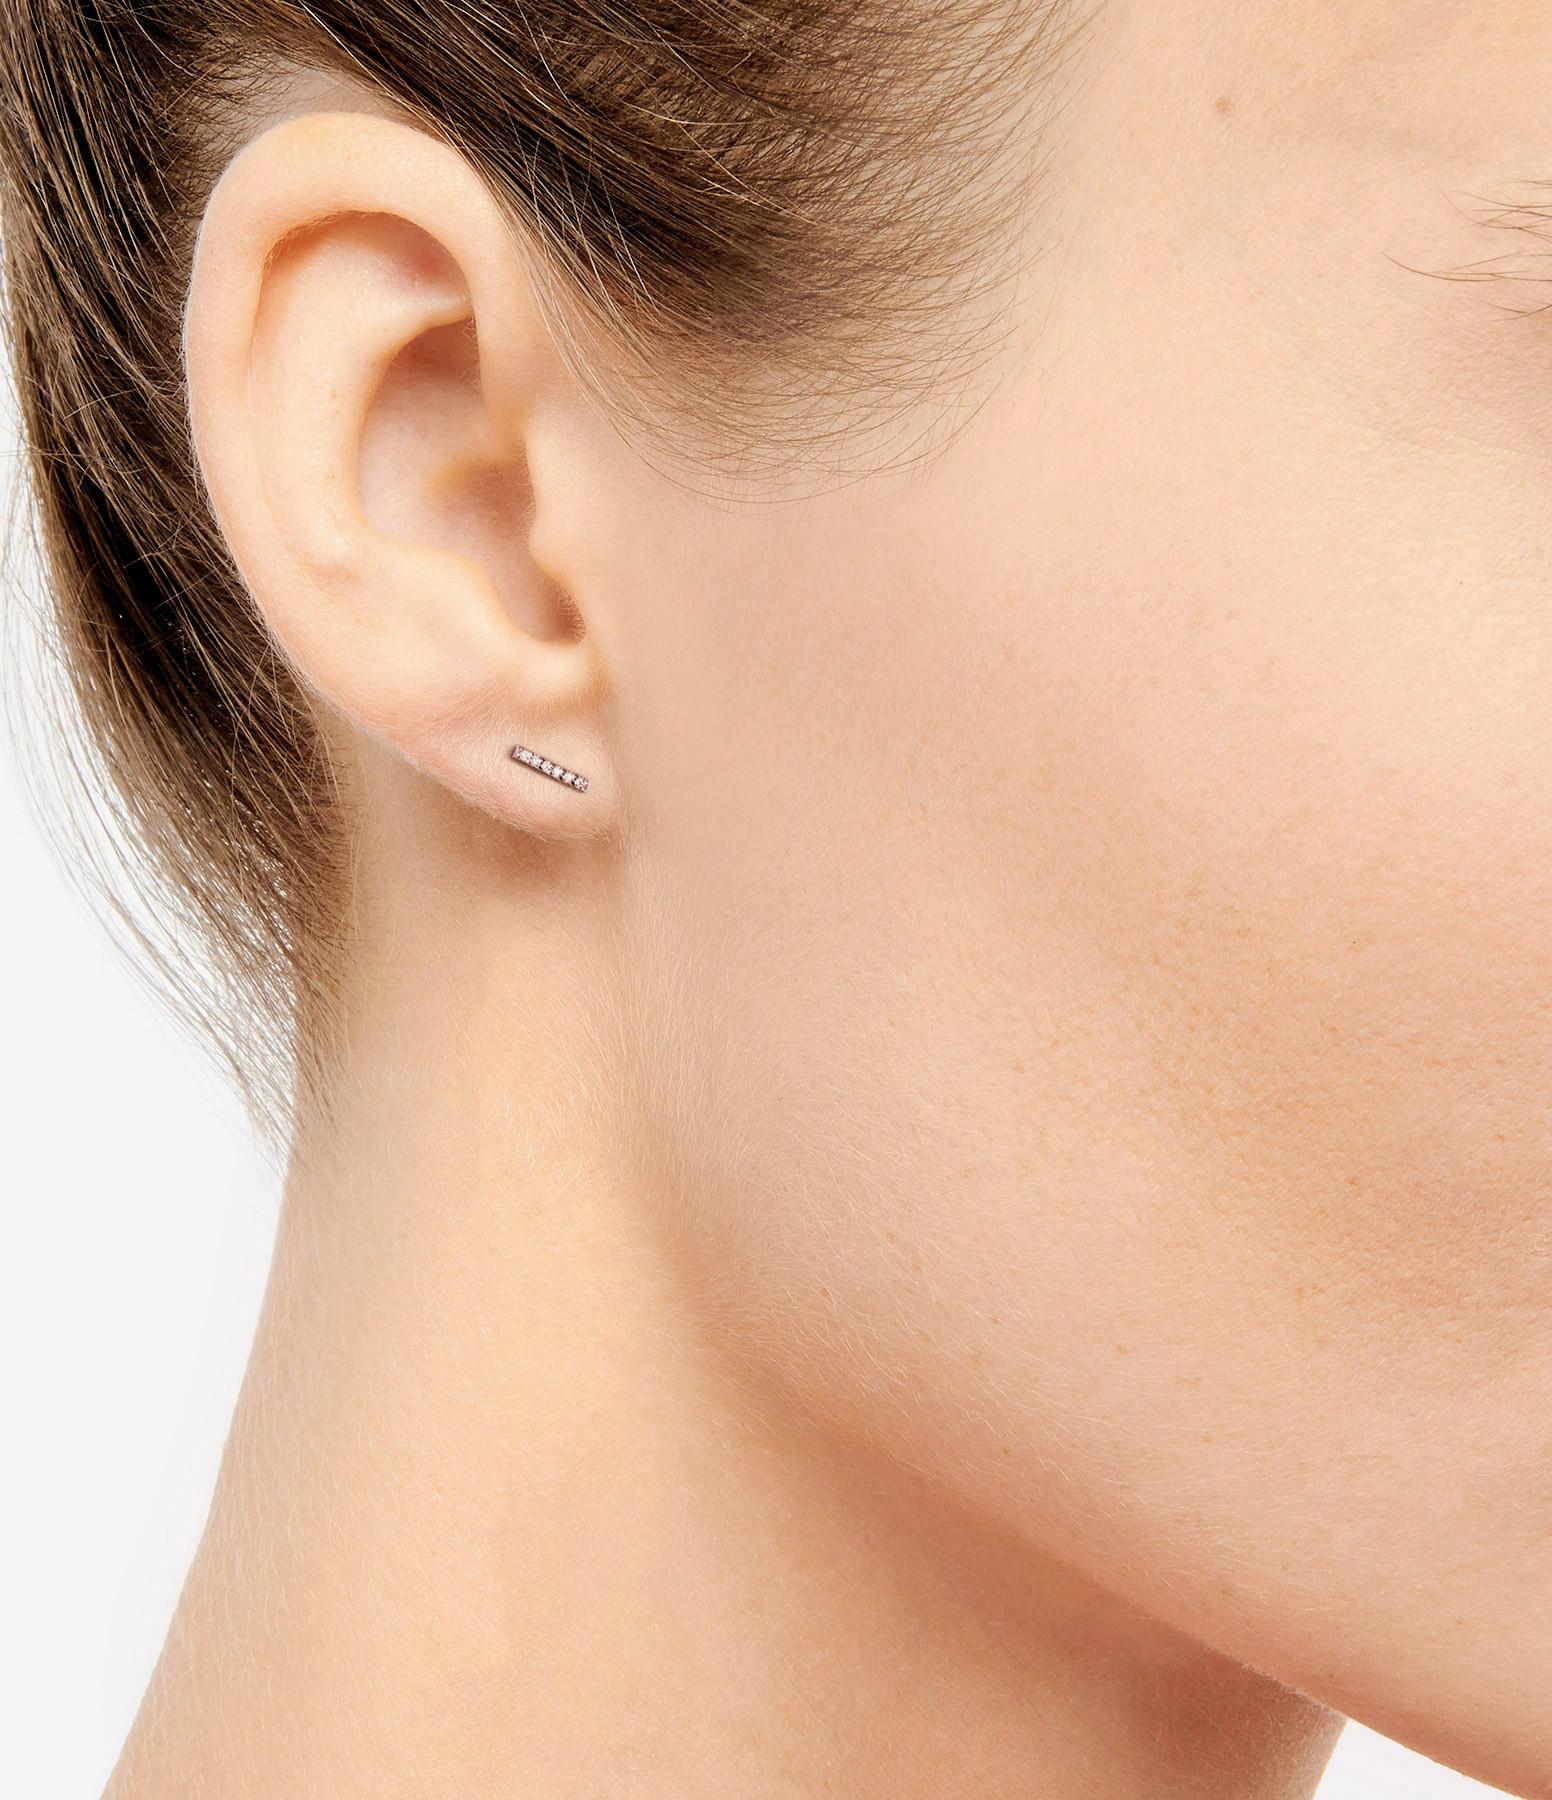 NAVA JOAILLERIE - Boucle d'oreille Barrette Hash Or Rose (vendue à l'unité)